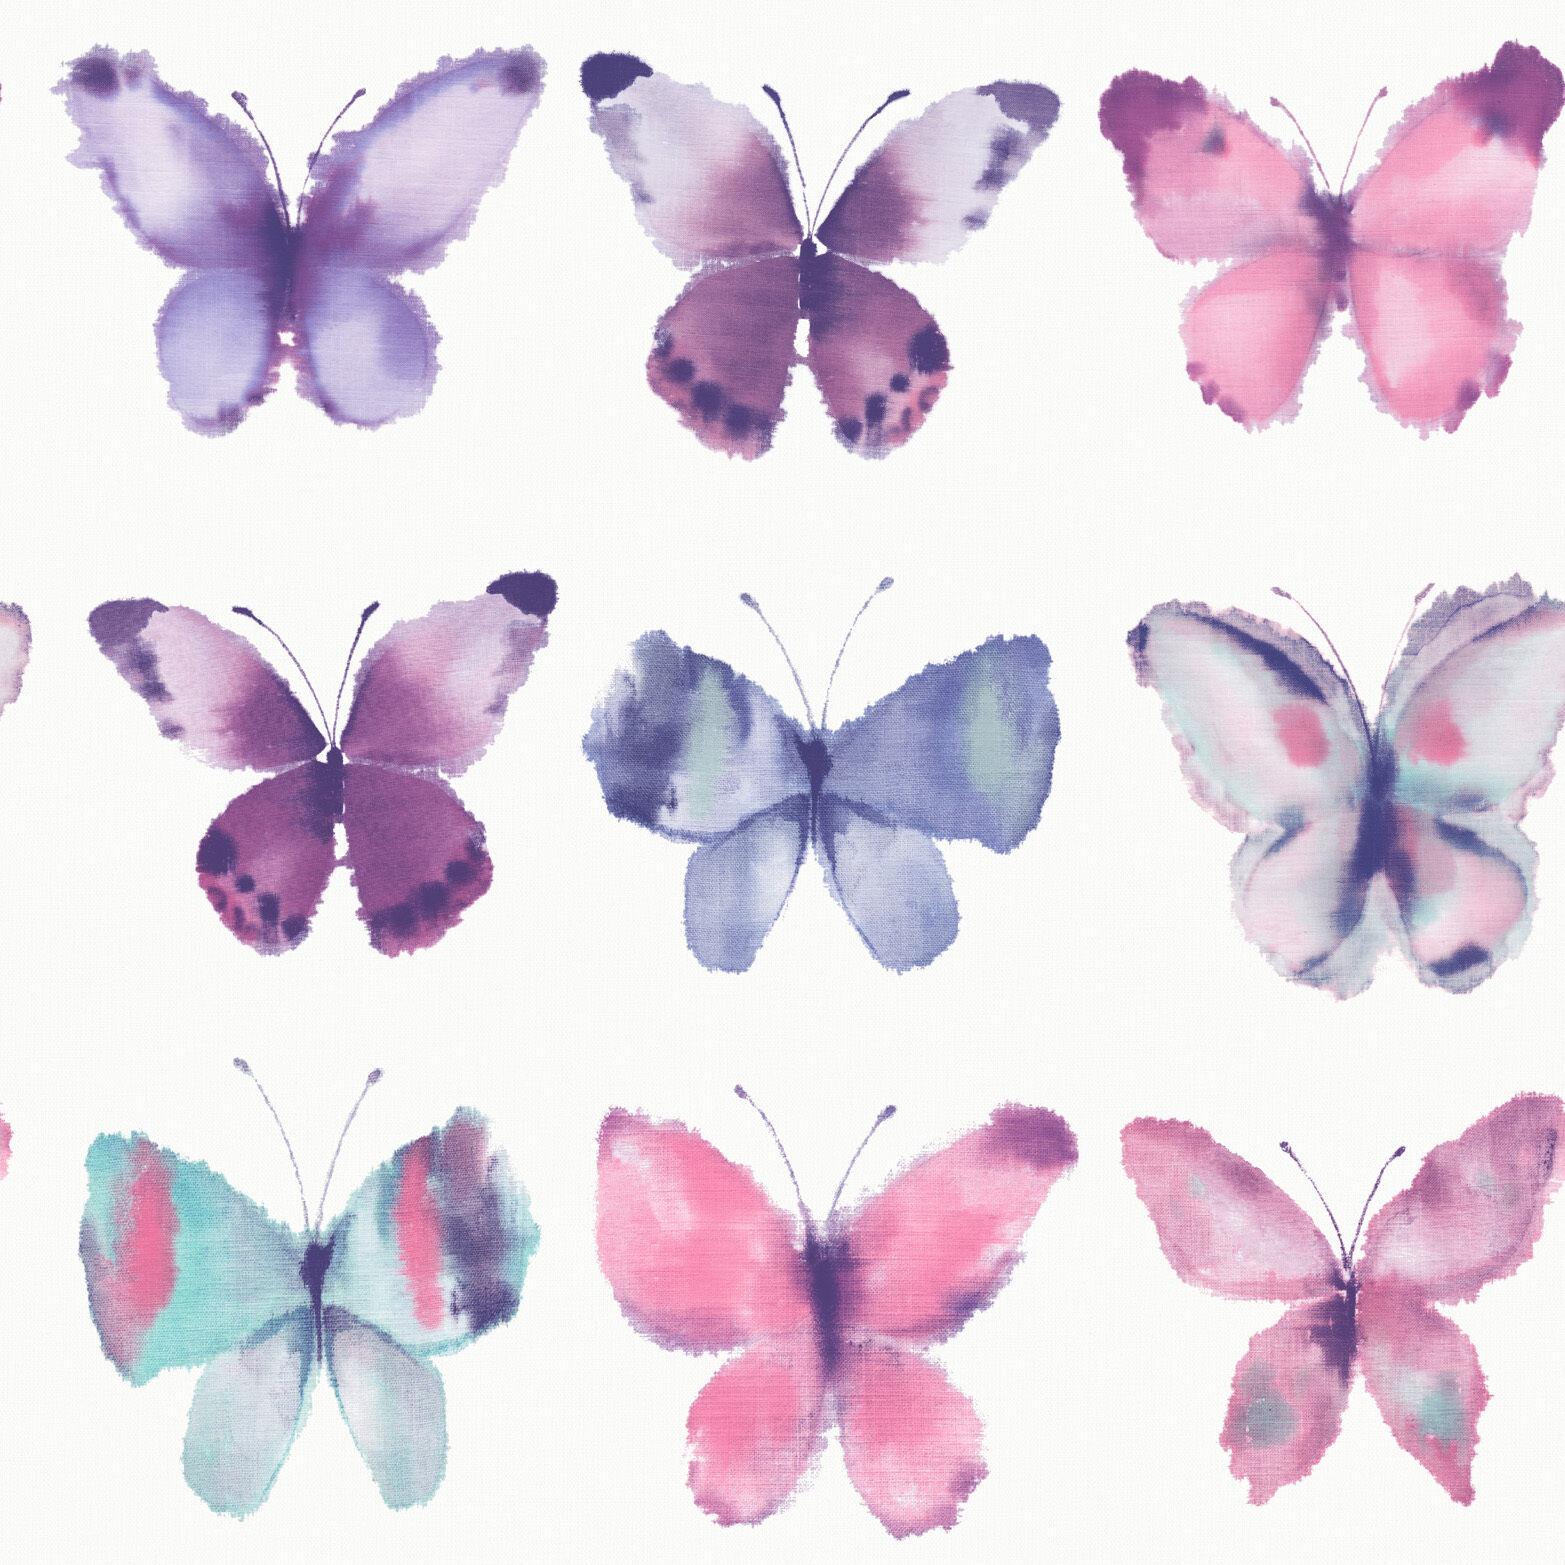 Pink Butterfly Wallpaper: BUTTERFLIE BUTTERFLY WHITE PINK PURPLE PASTEL WALLPAPER